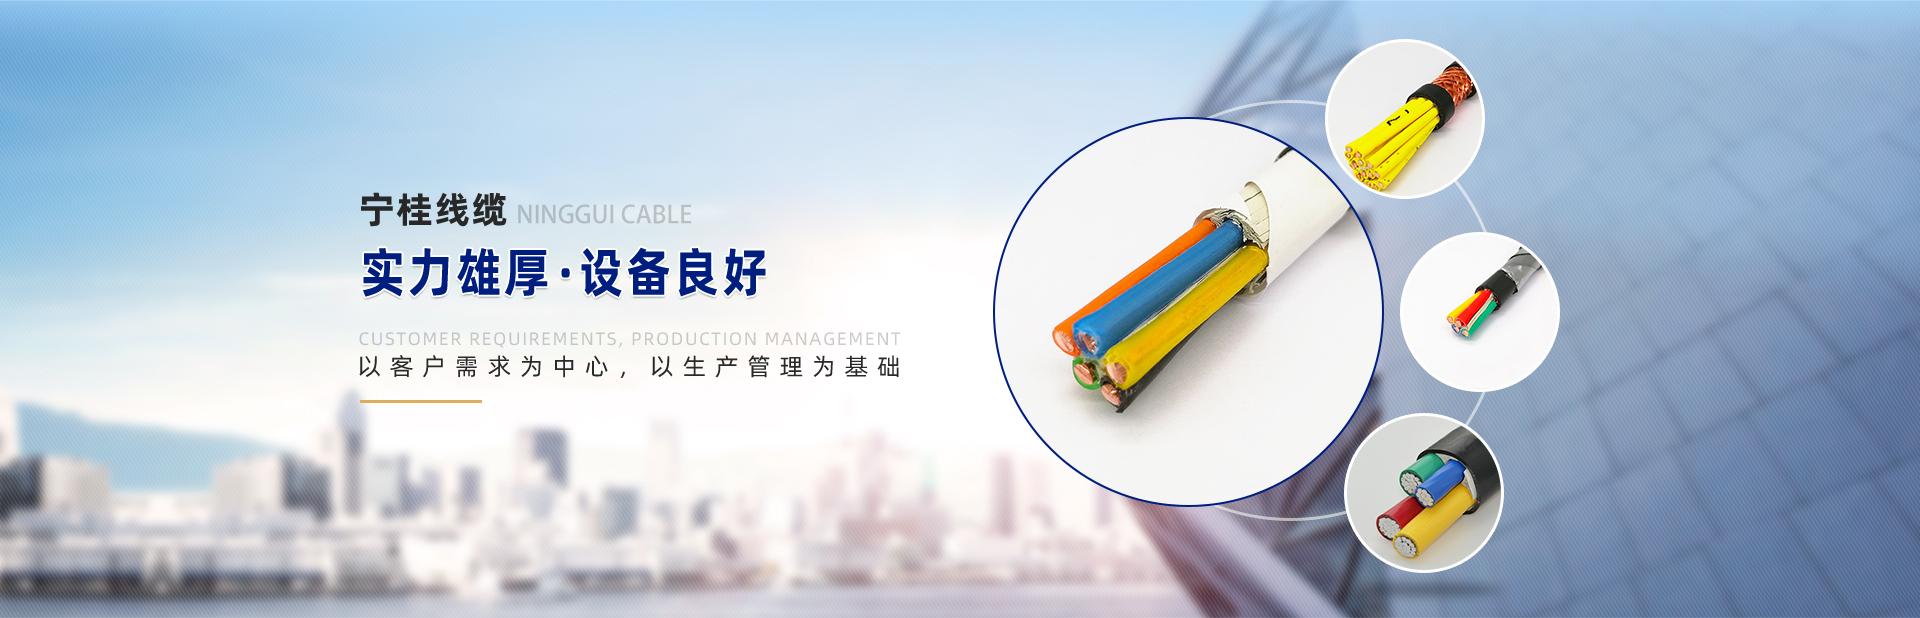 矿物绝缘电缆_广西电线电缆_电缆厂家